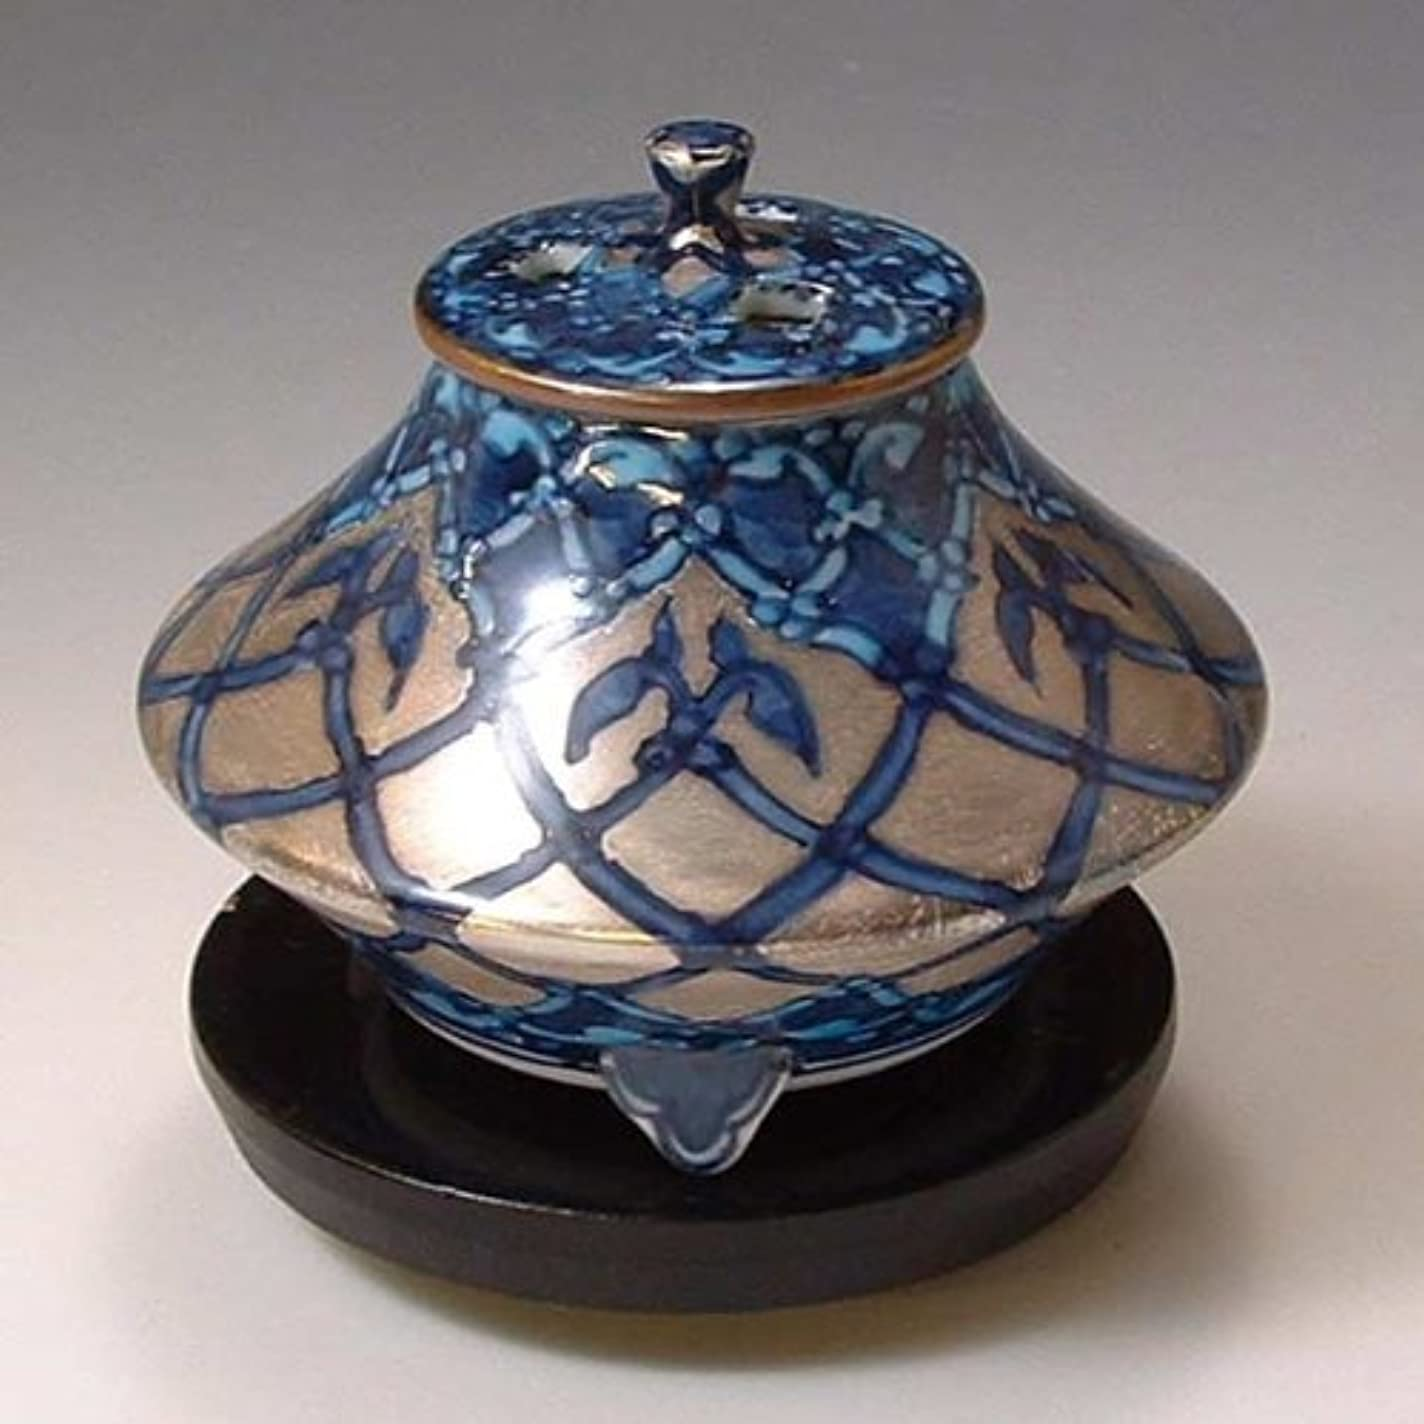 上下するオーバーフローアヒル京焼 清水焼 香炉(黒台付) 銀モスク ぎんもすく YKY110